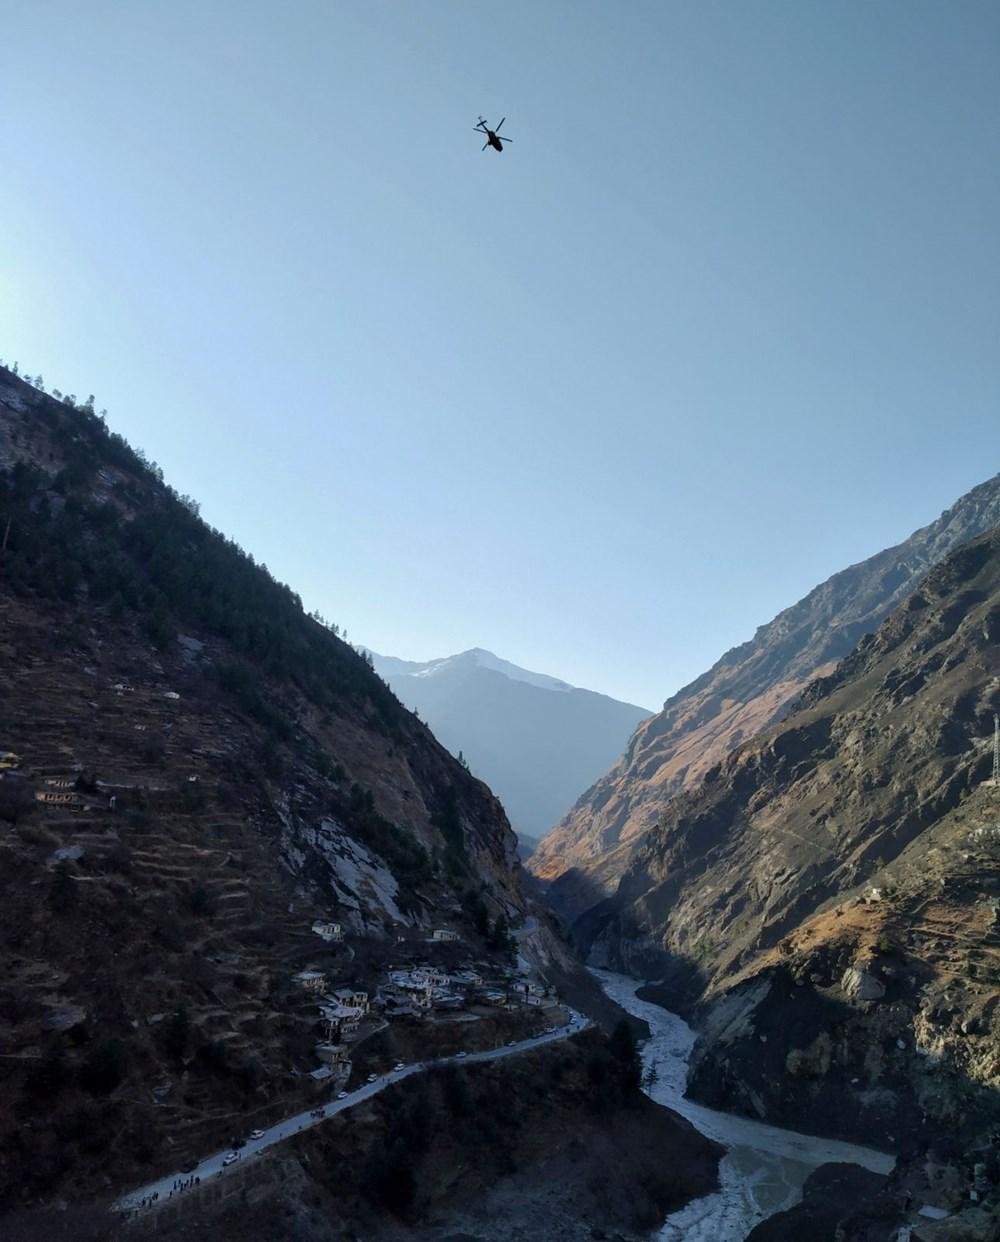 Hindistan'da nehre düşen buz kütlesi sele neden oldu: 170 kayıp, 11 ölü - 3